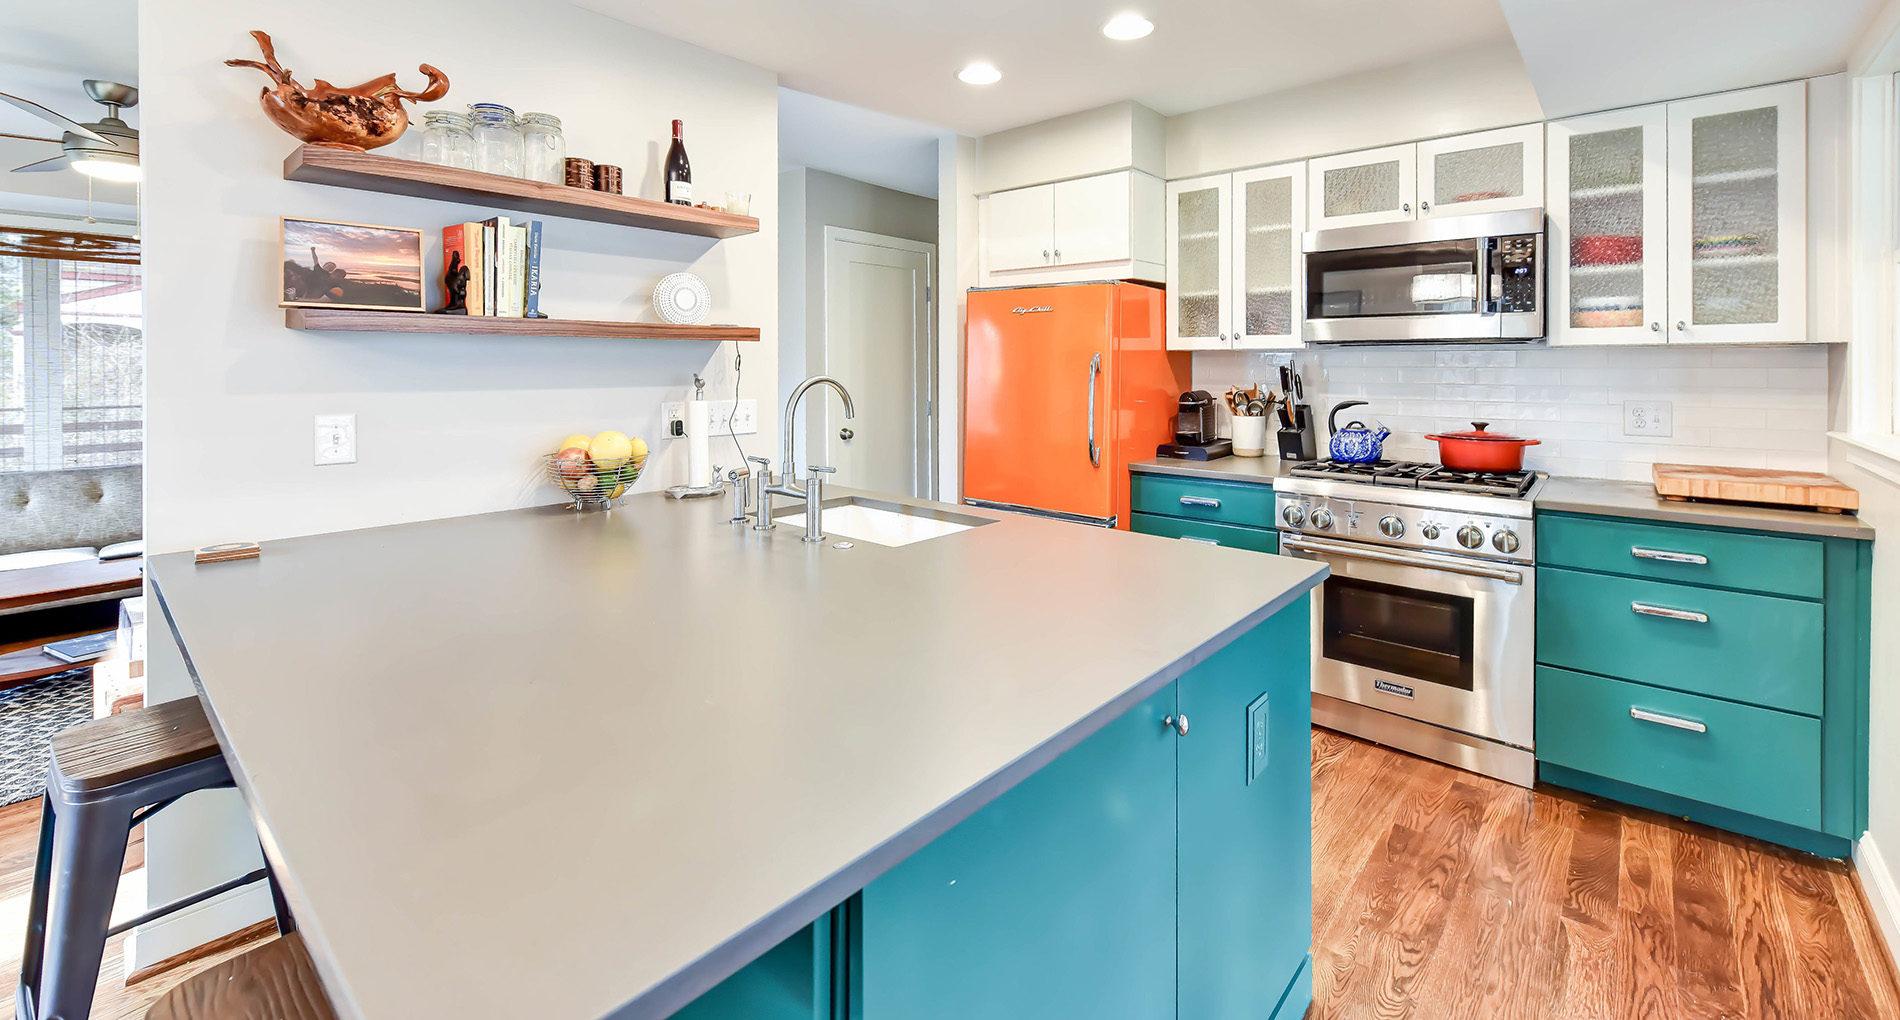 kitchen remodeling & design in arlington | alair homes arlington